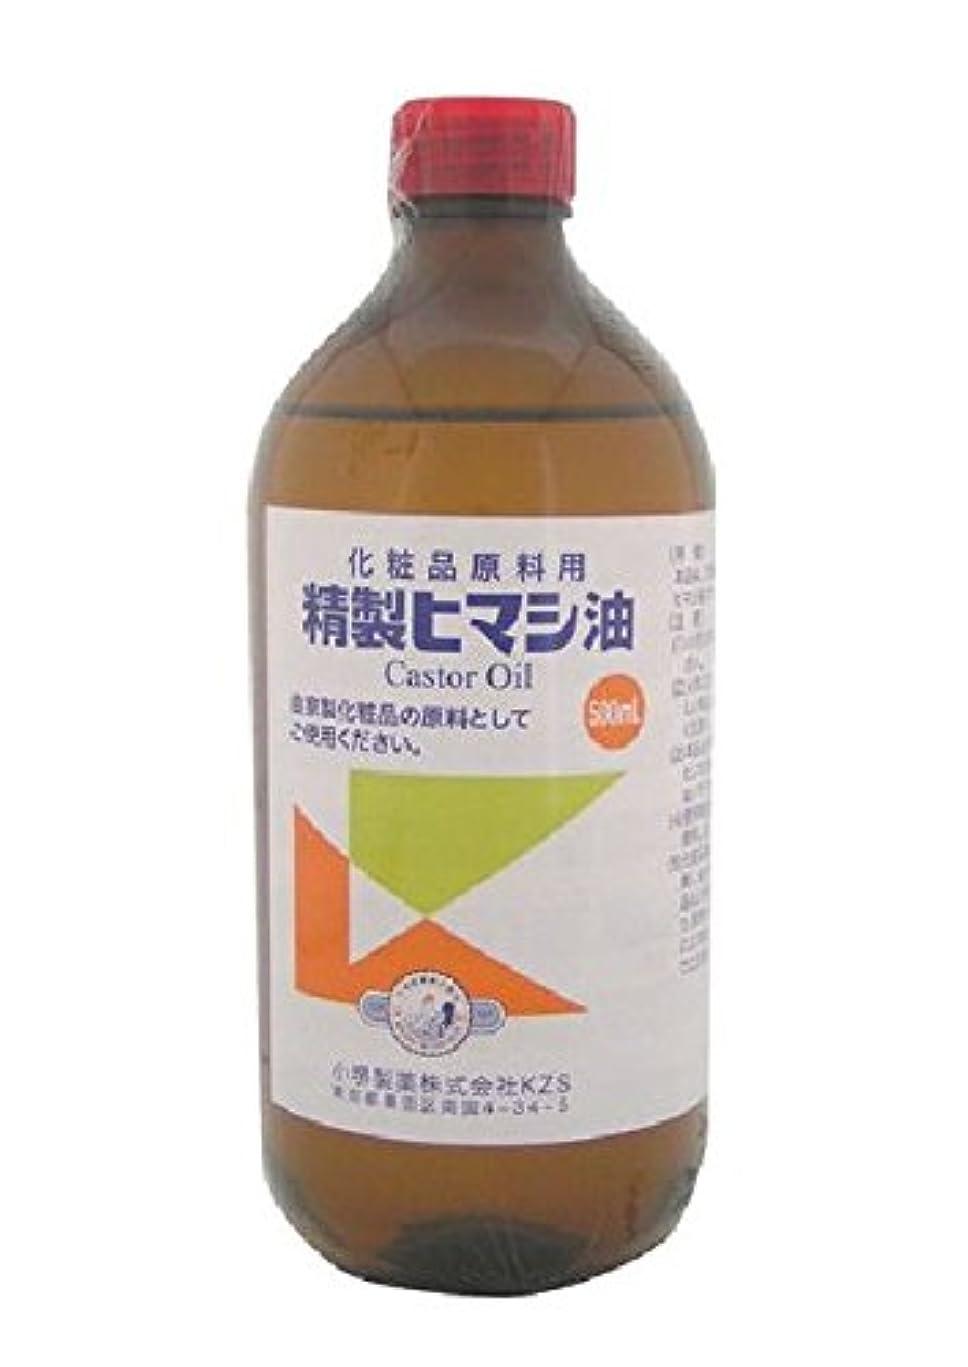 受取人タンパク質先のことを考える小堺製薬 新精製ヒマシ油 500mL